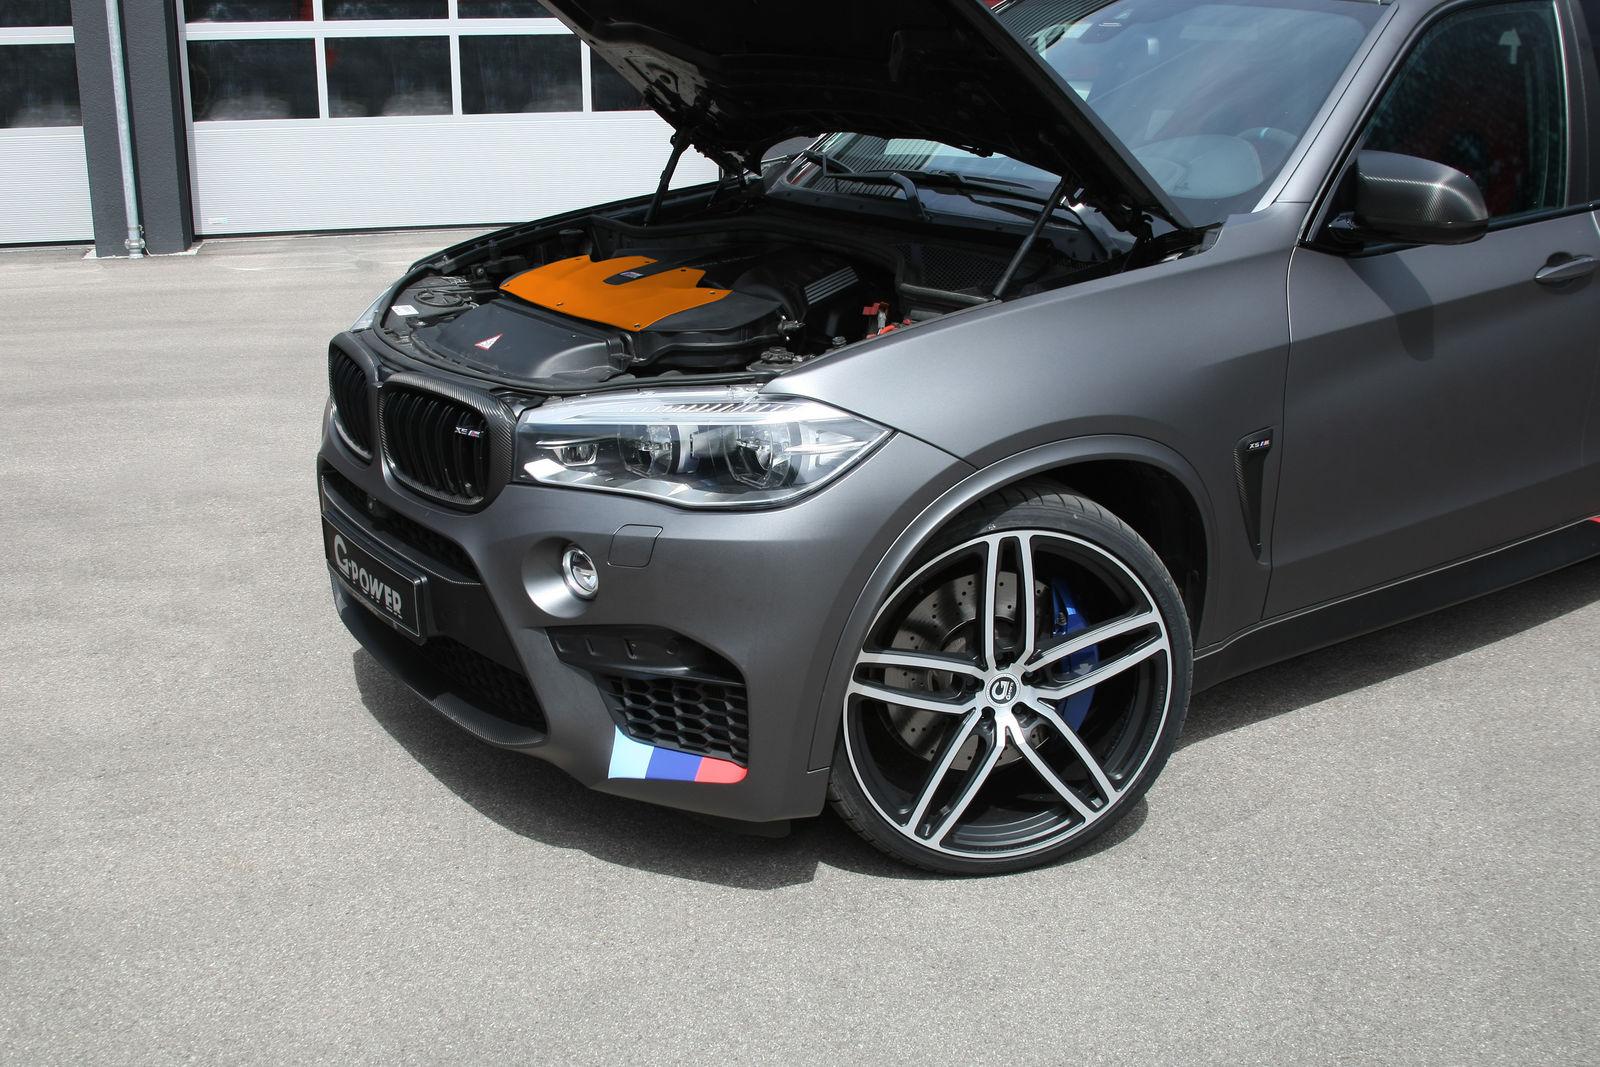 F15 BMW X5 by G-Power